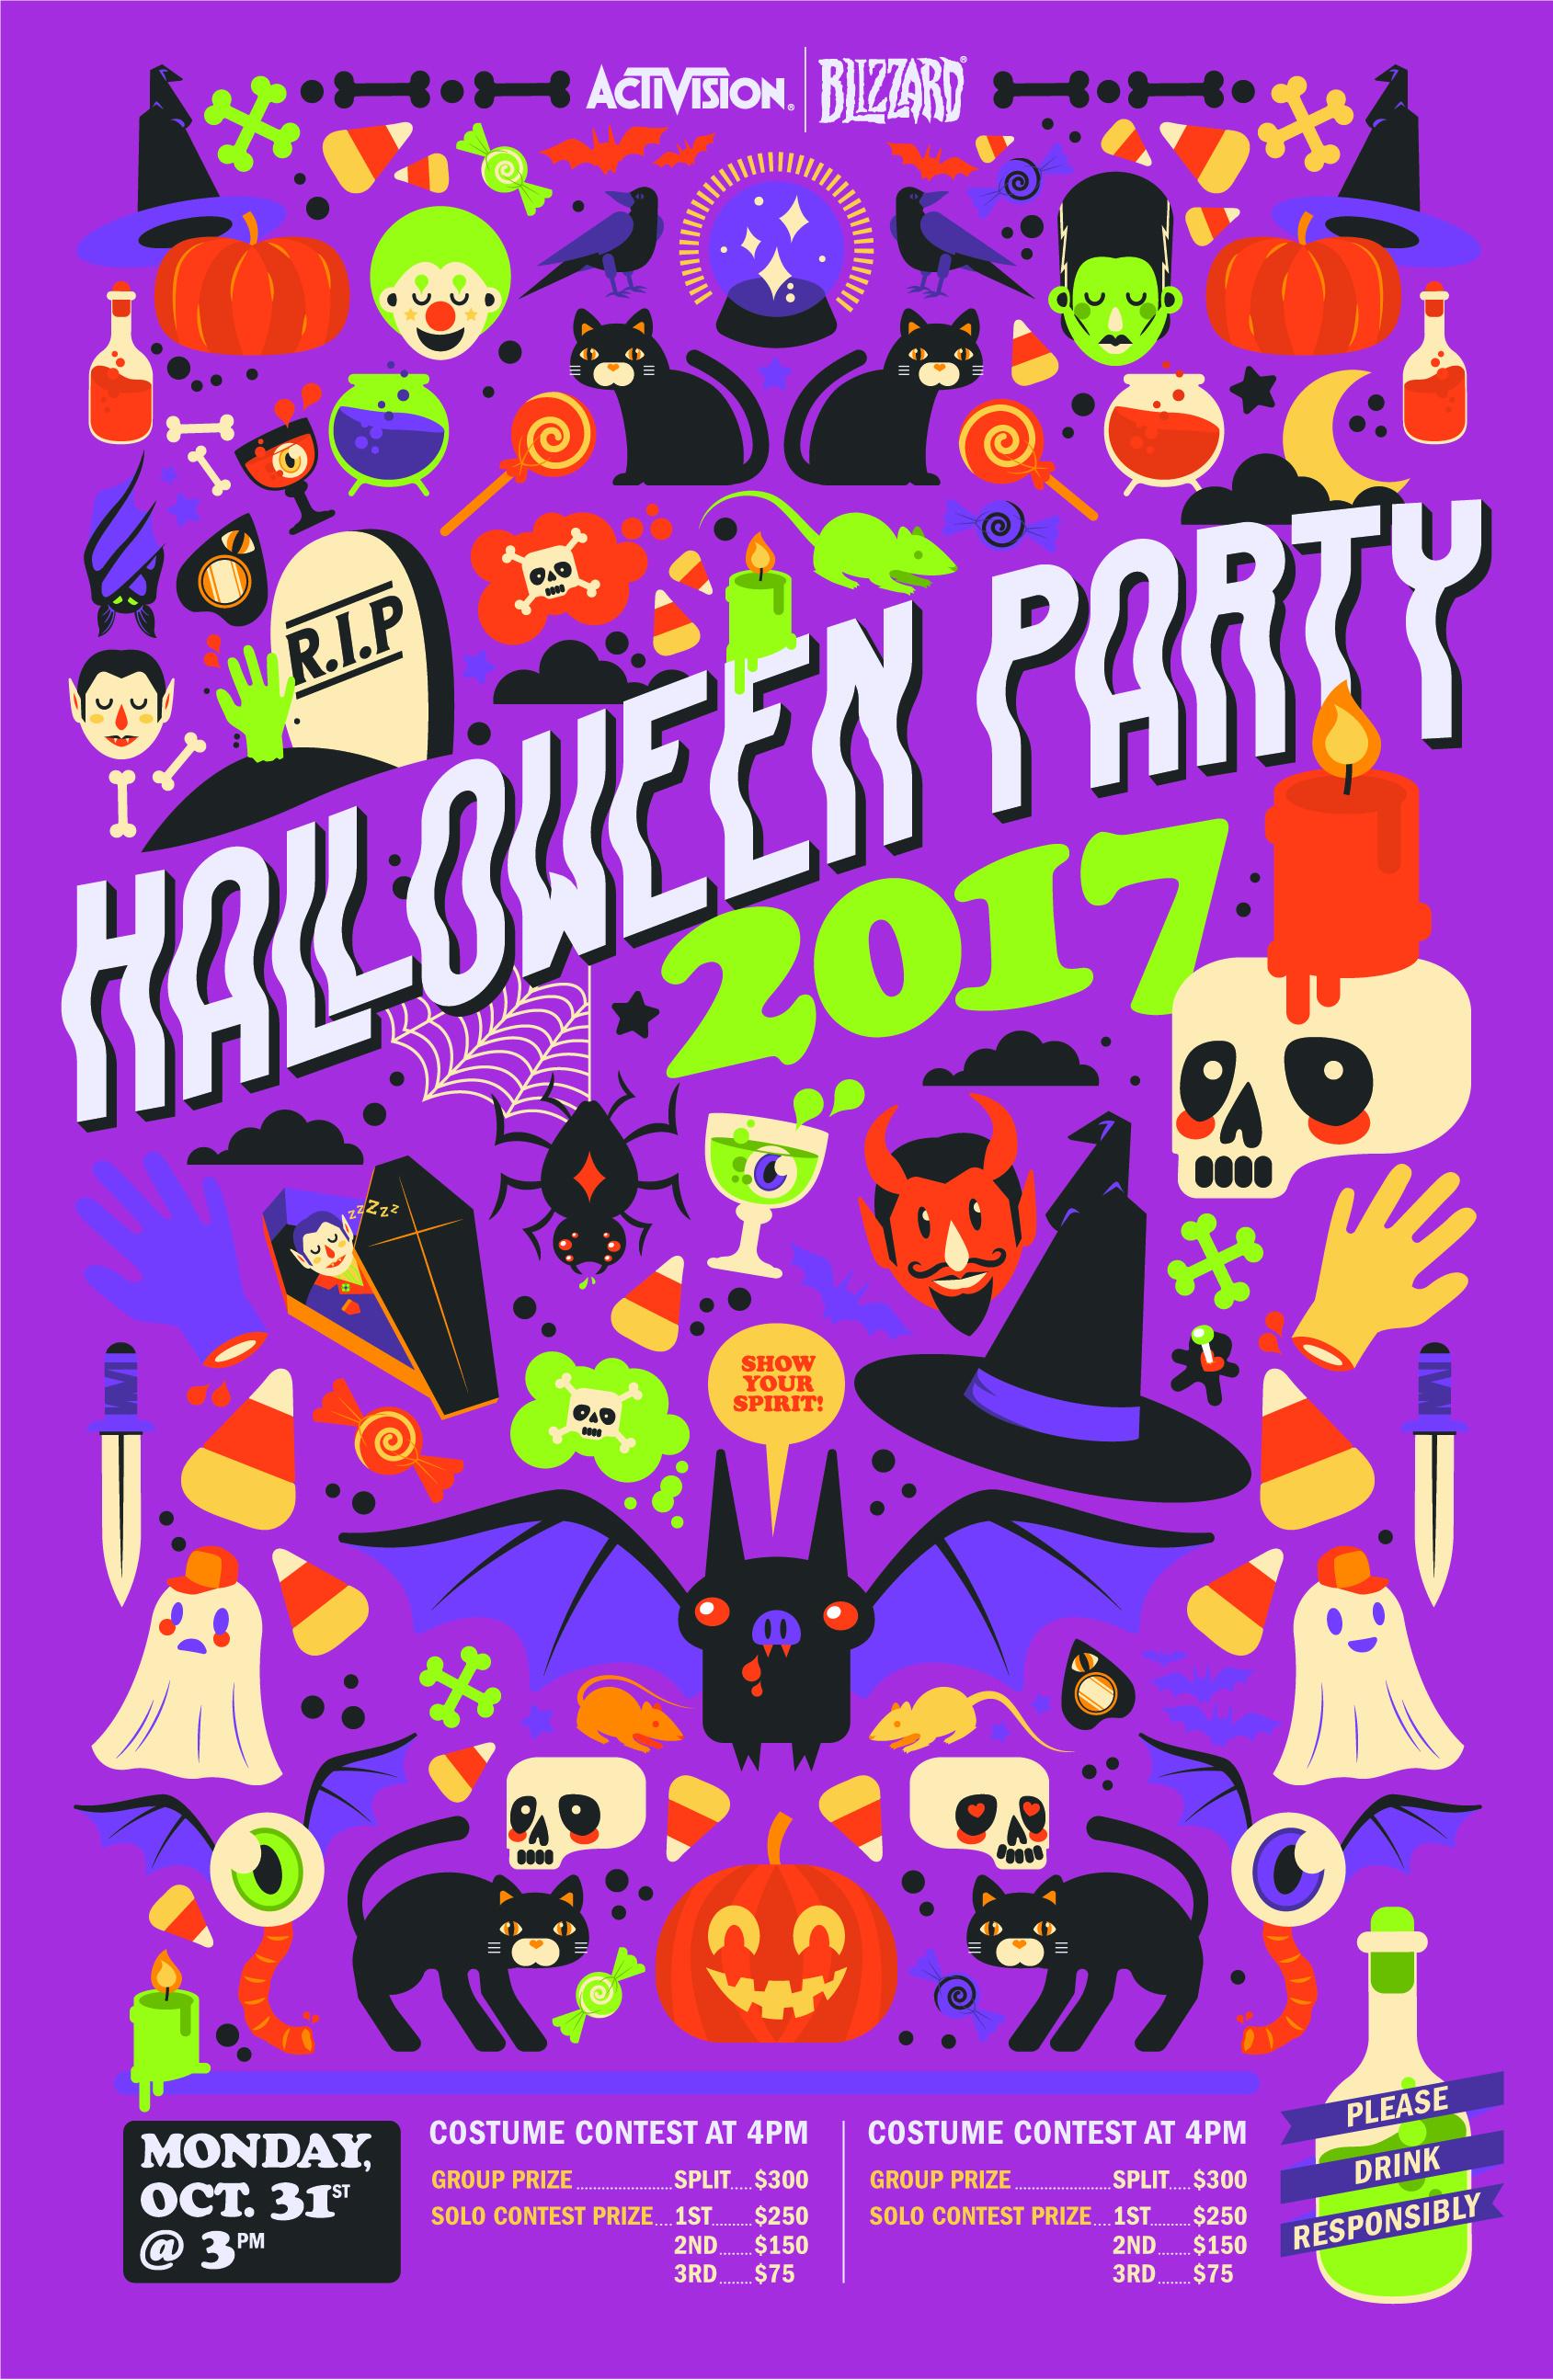 d20170929-002_Halloween_Event_Assets_Pos